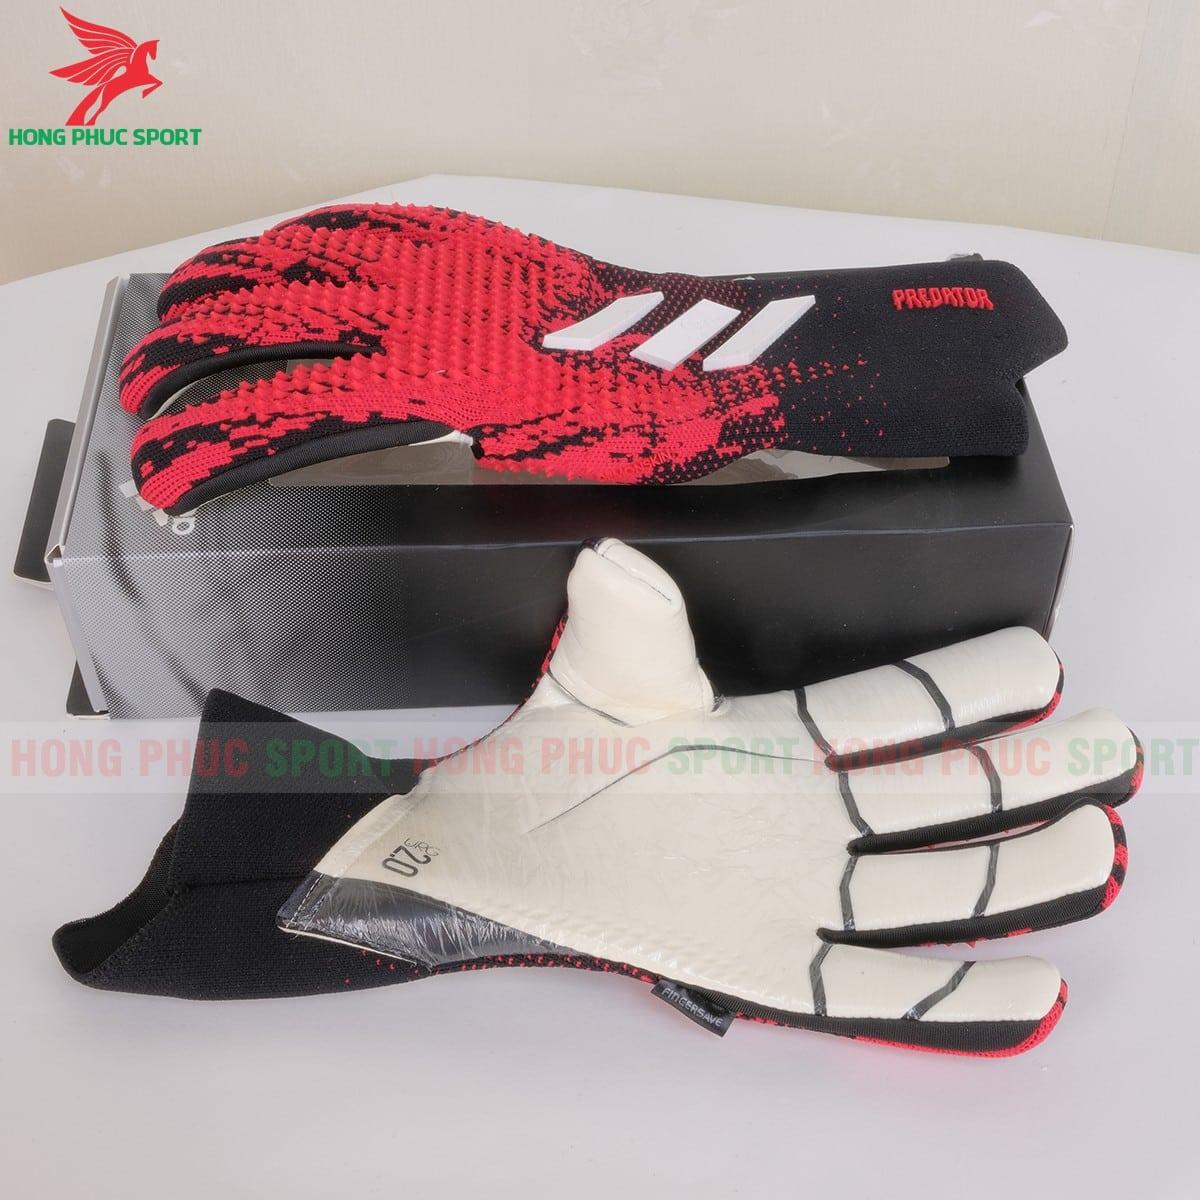 Găng tay thủ môn Adidas Predator Pro Mutator URG 2.0 có xương